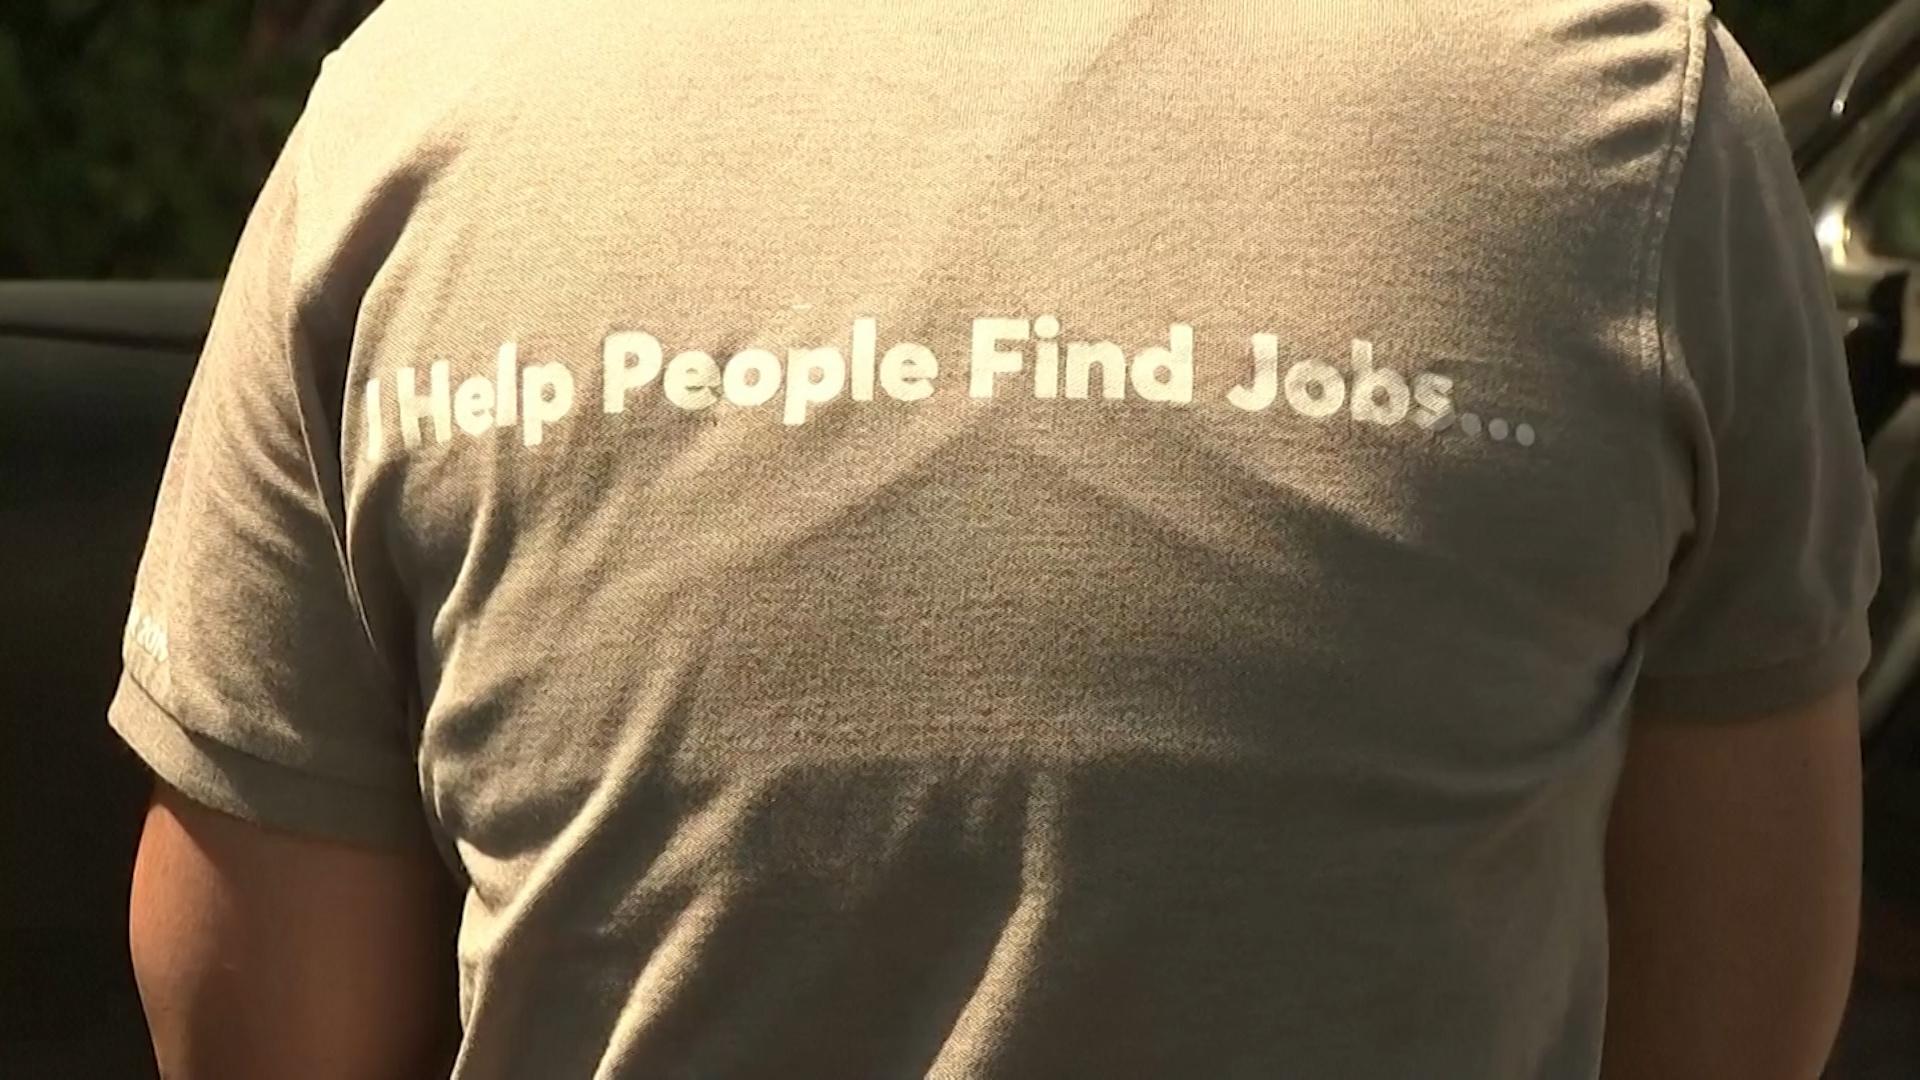 Will America's hiring spree go into hyper drive?